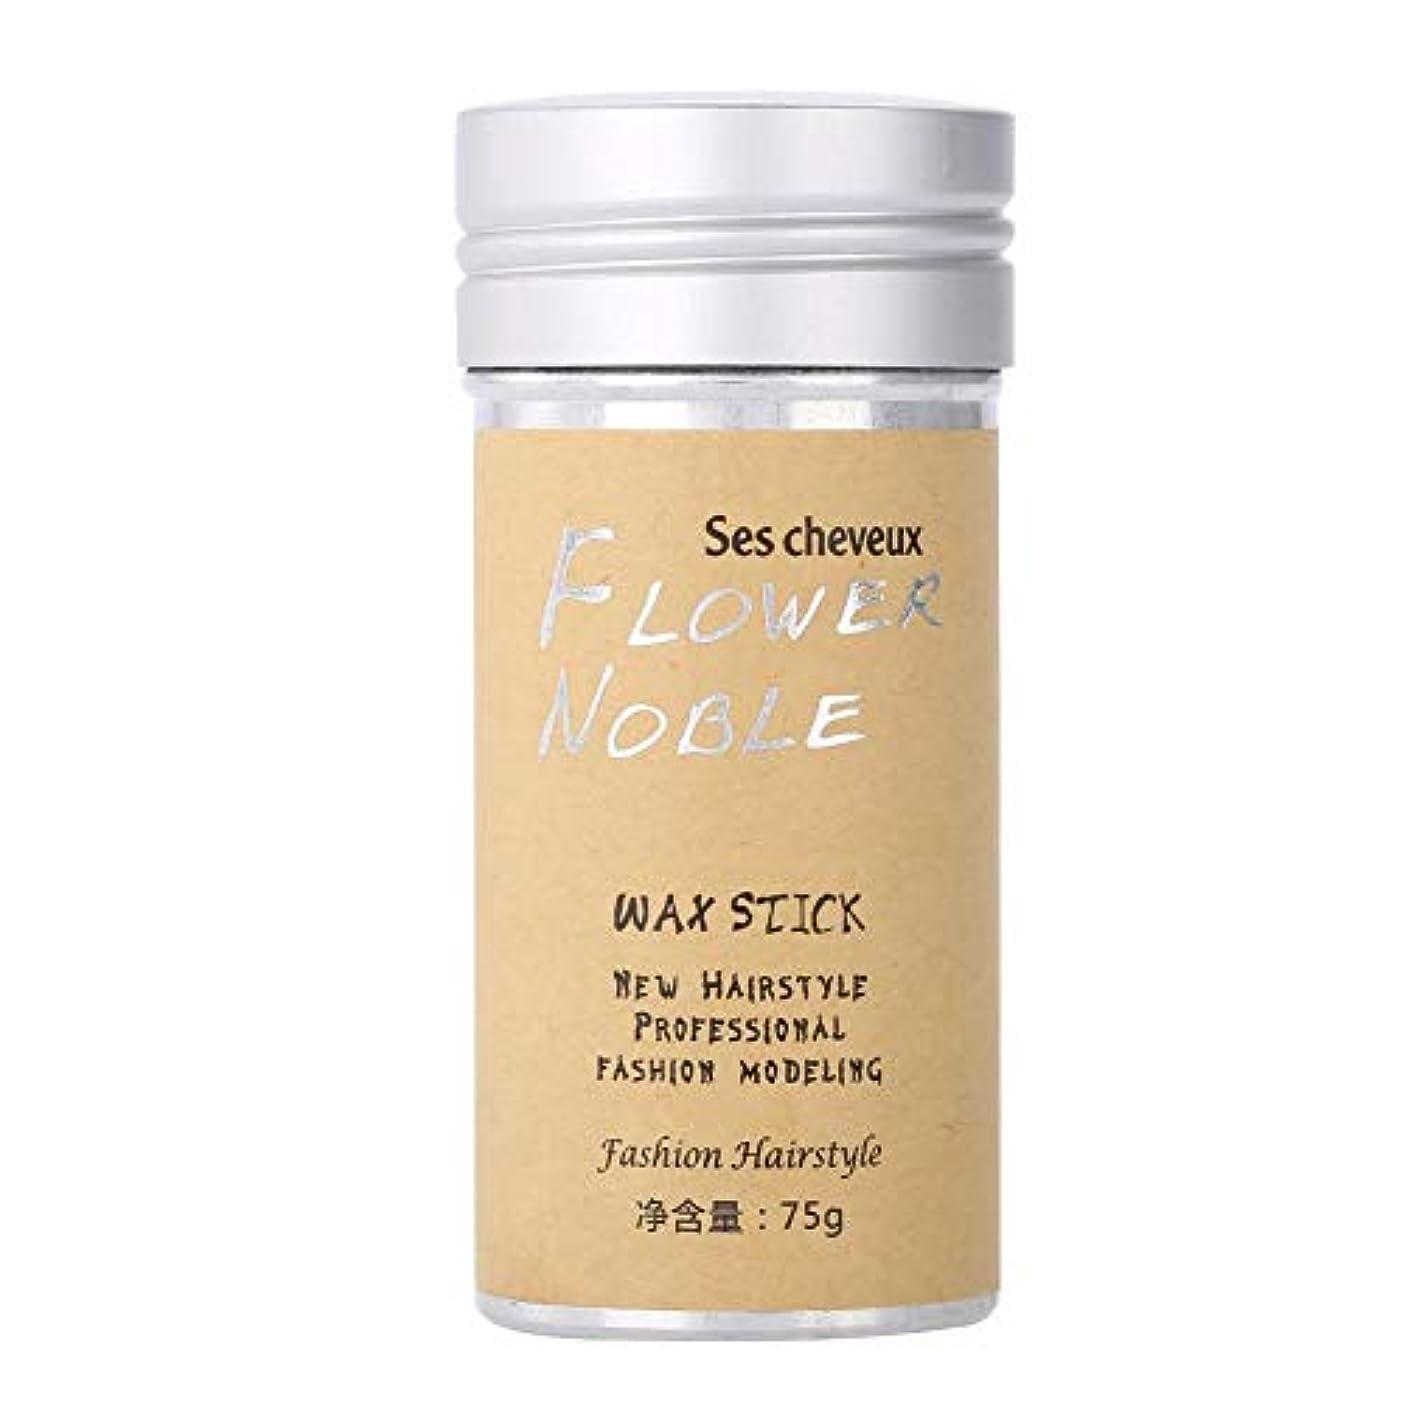 月凝縮する穀物ヘアワックススティック、スタイリングヘアワックス75グラムナチュラルヘアワックス水ベースのヘアスタイリングポマードヘアモデリングワックススティック